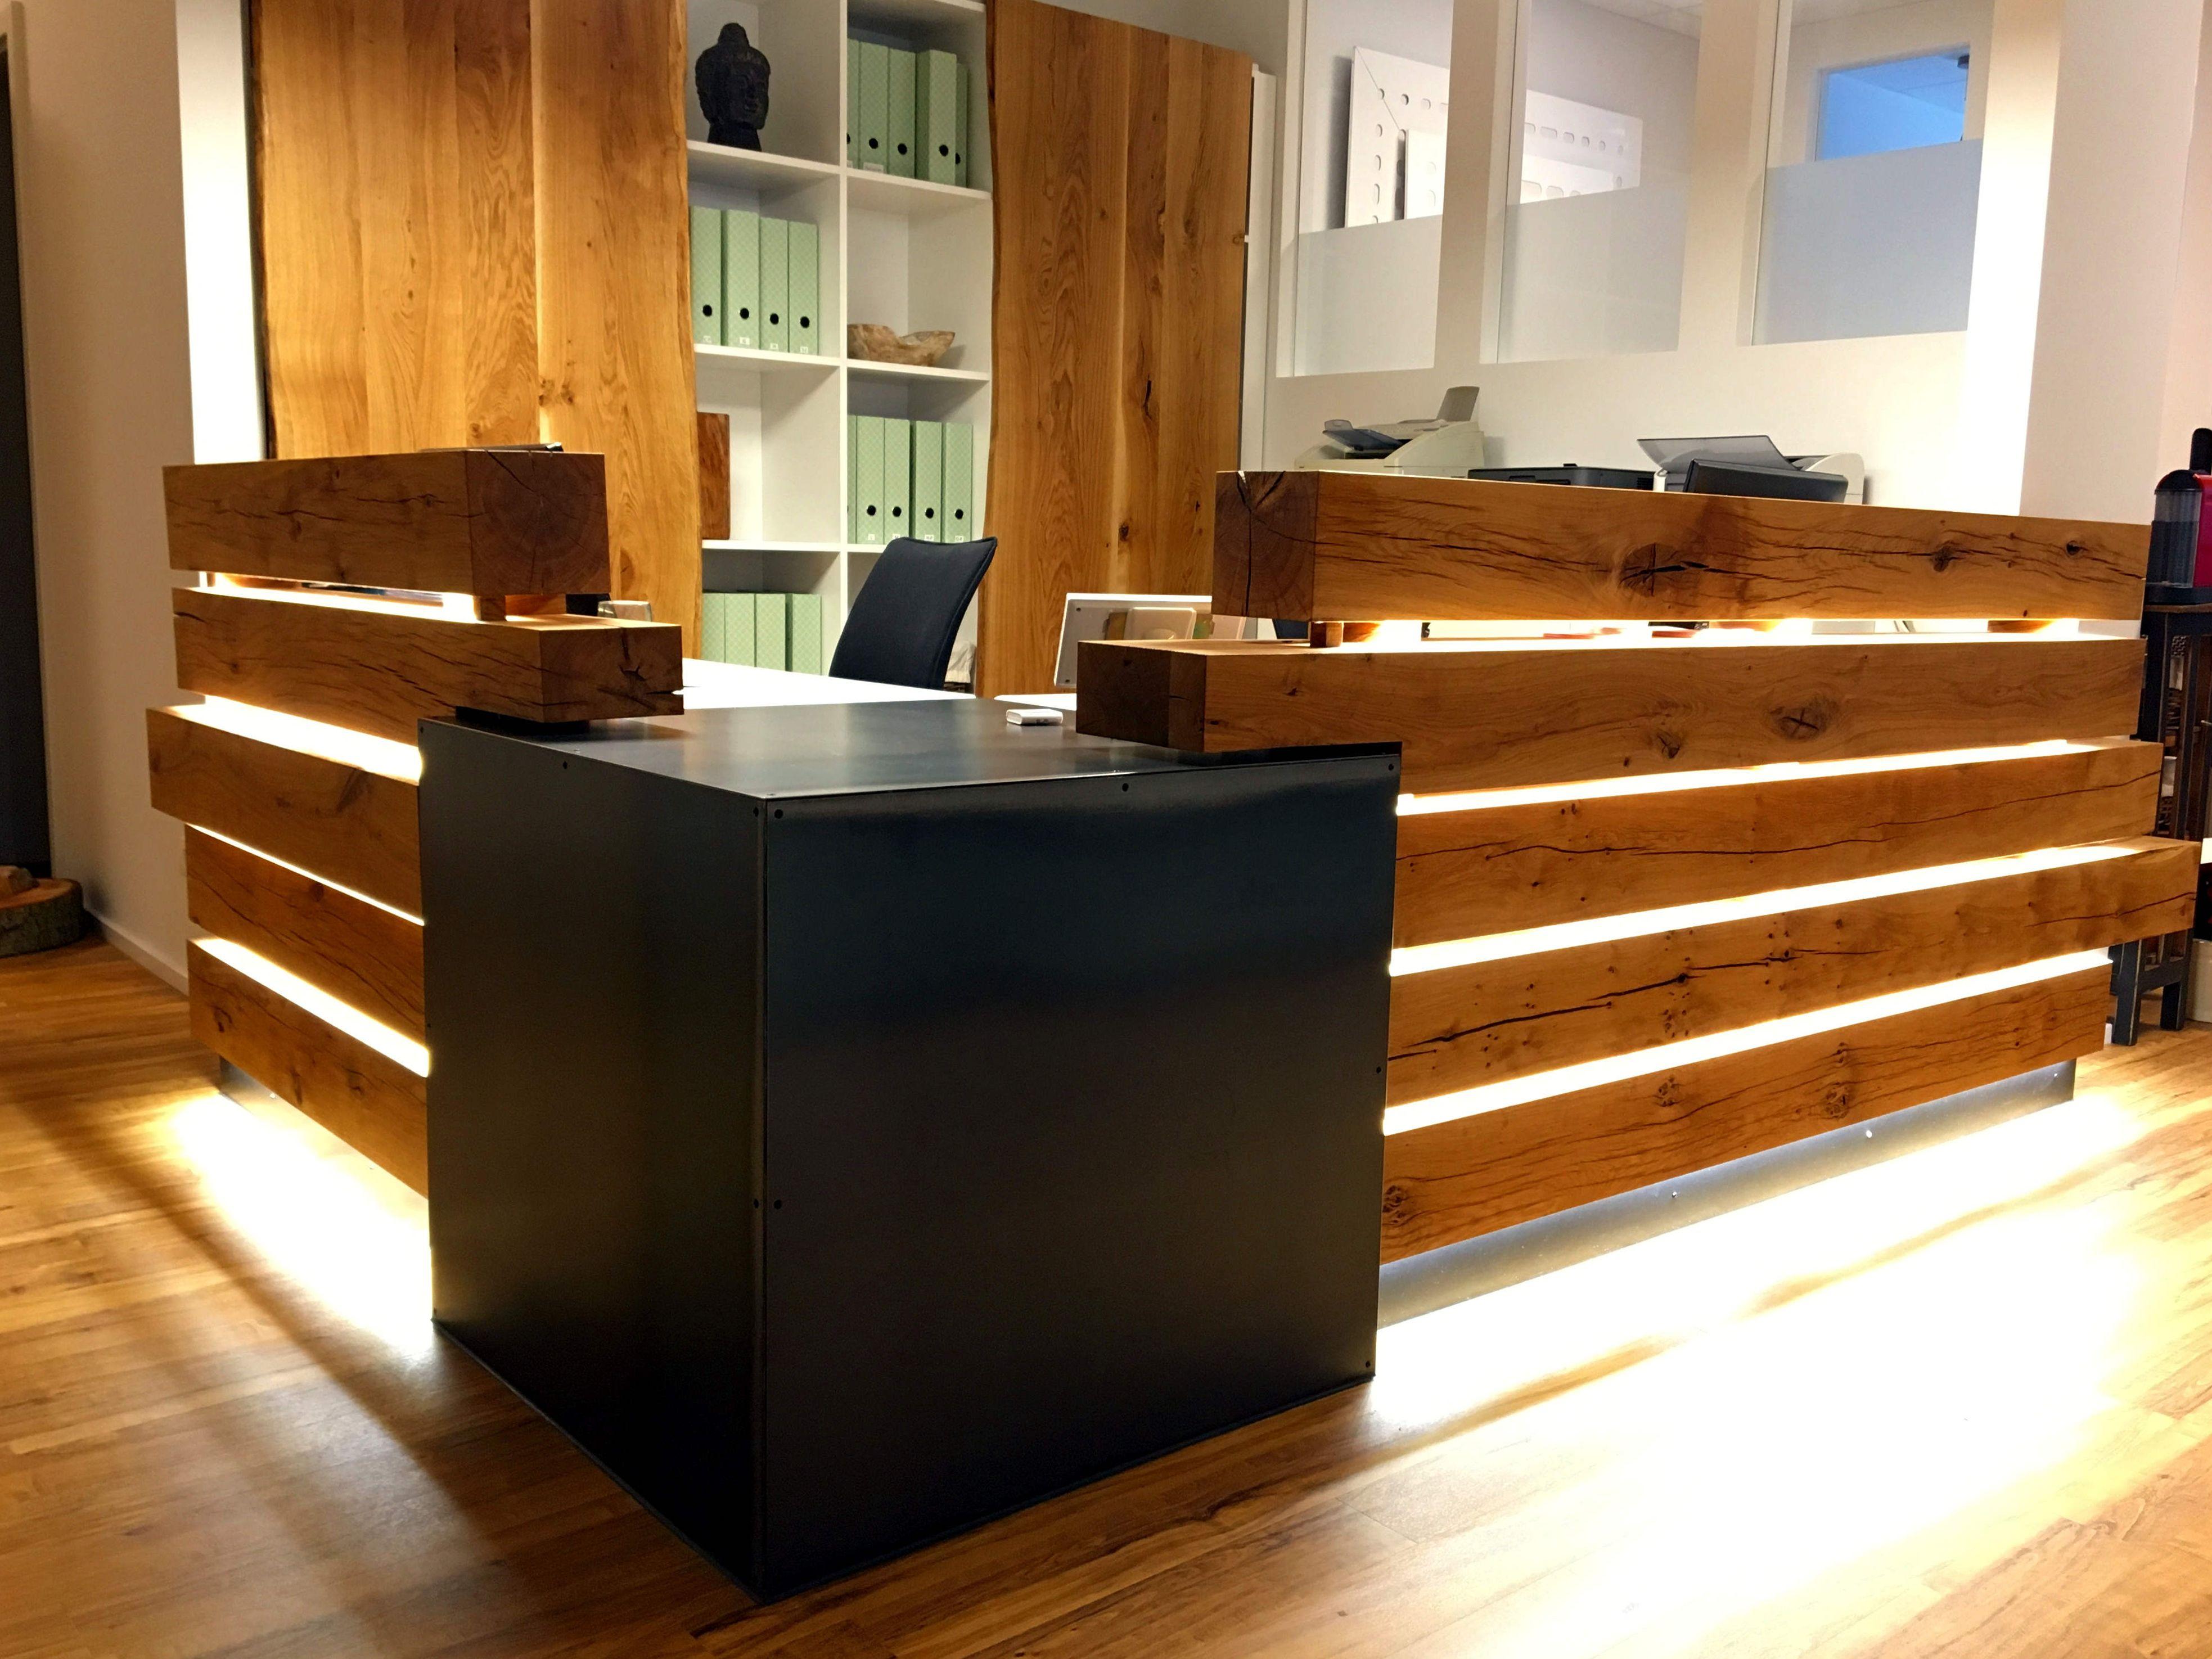 Empfangstresen Eiche Stahl Möbel Zum Selbermachen Haus Deko Hochwertige Möbel